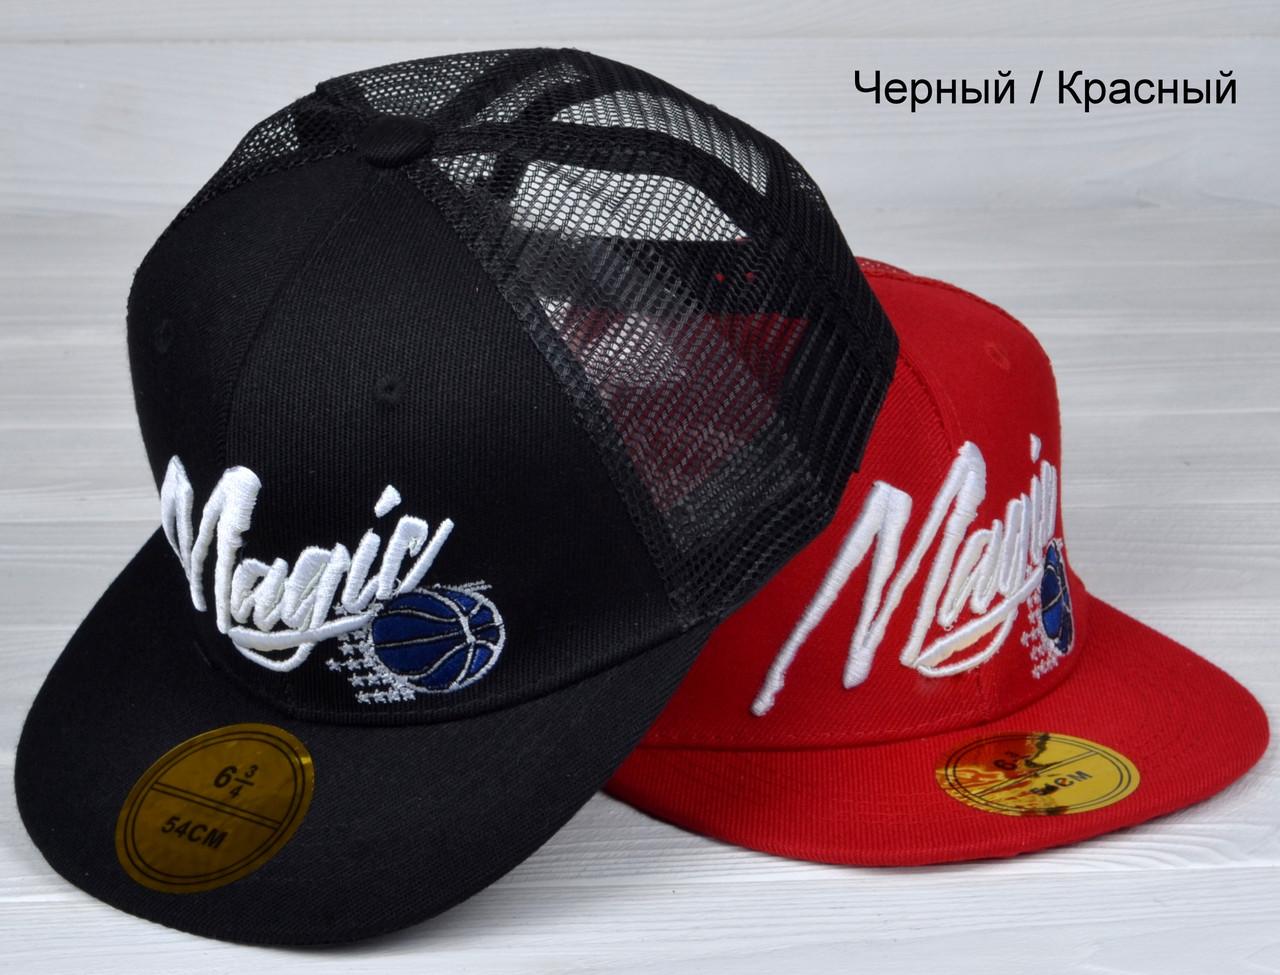 №210 Реперка Magic р.50-53 (3-6 лет)